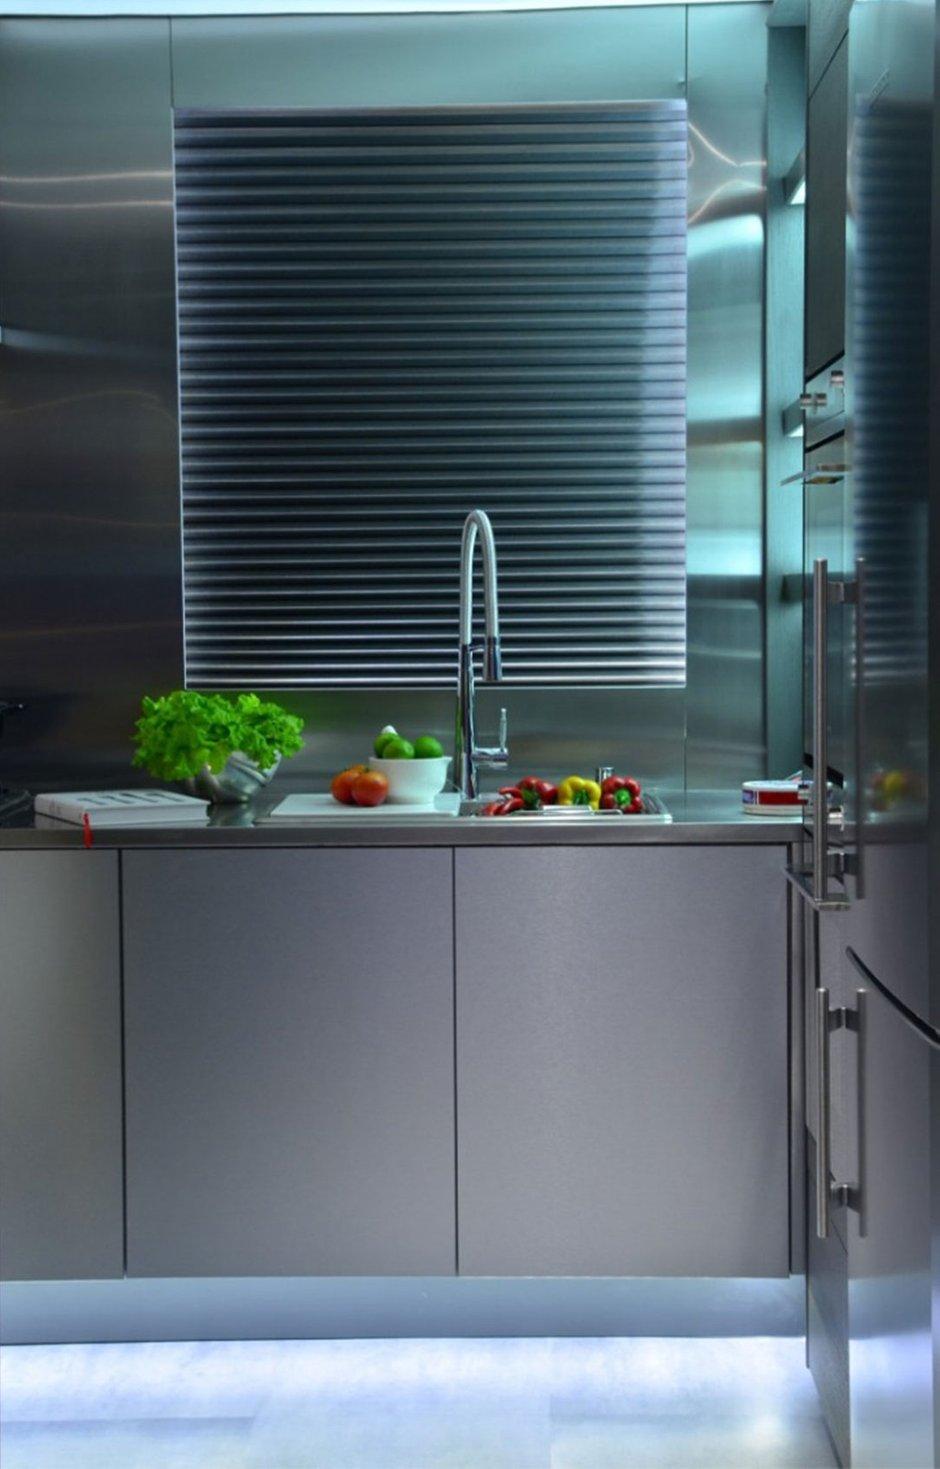 Фотография: Кухня и столовая в стиле Лофт, Интерьер комнат, Проект недели, Граффити – фото на InMyRoom.ru